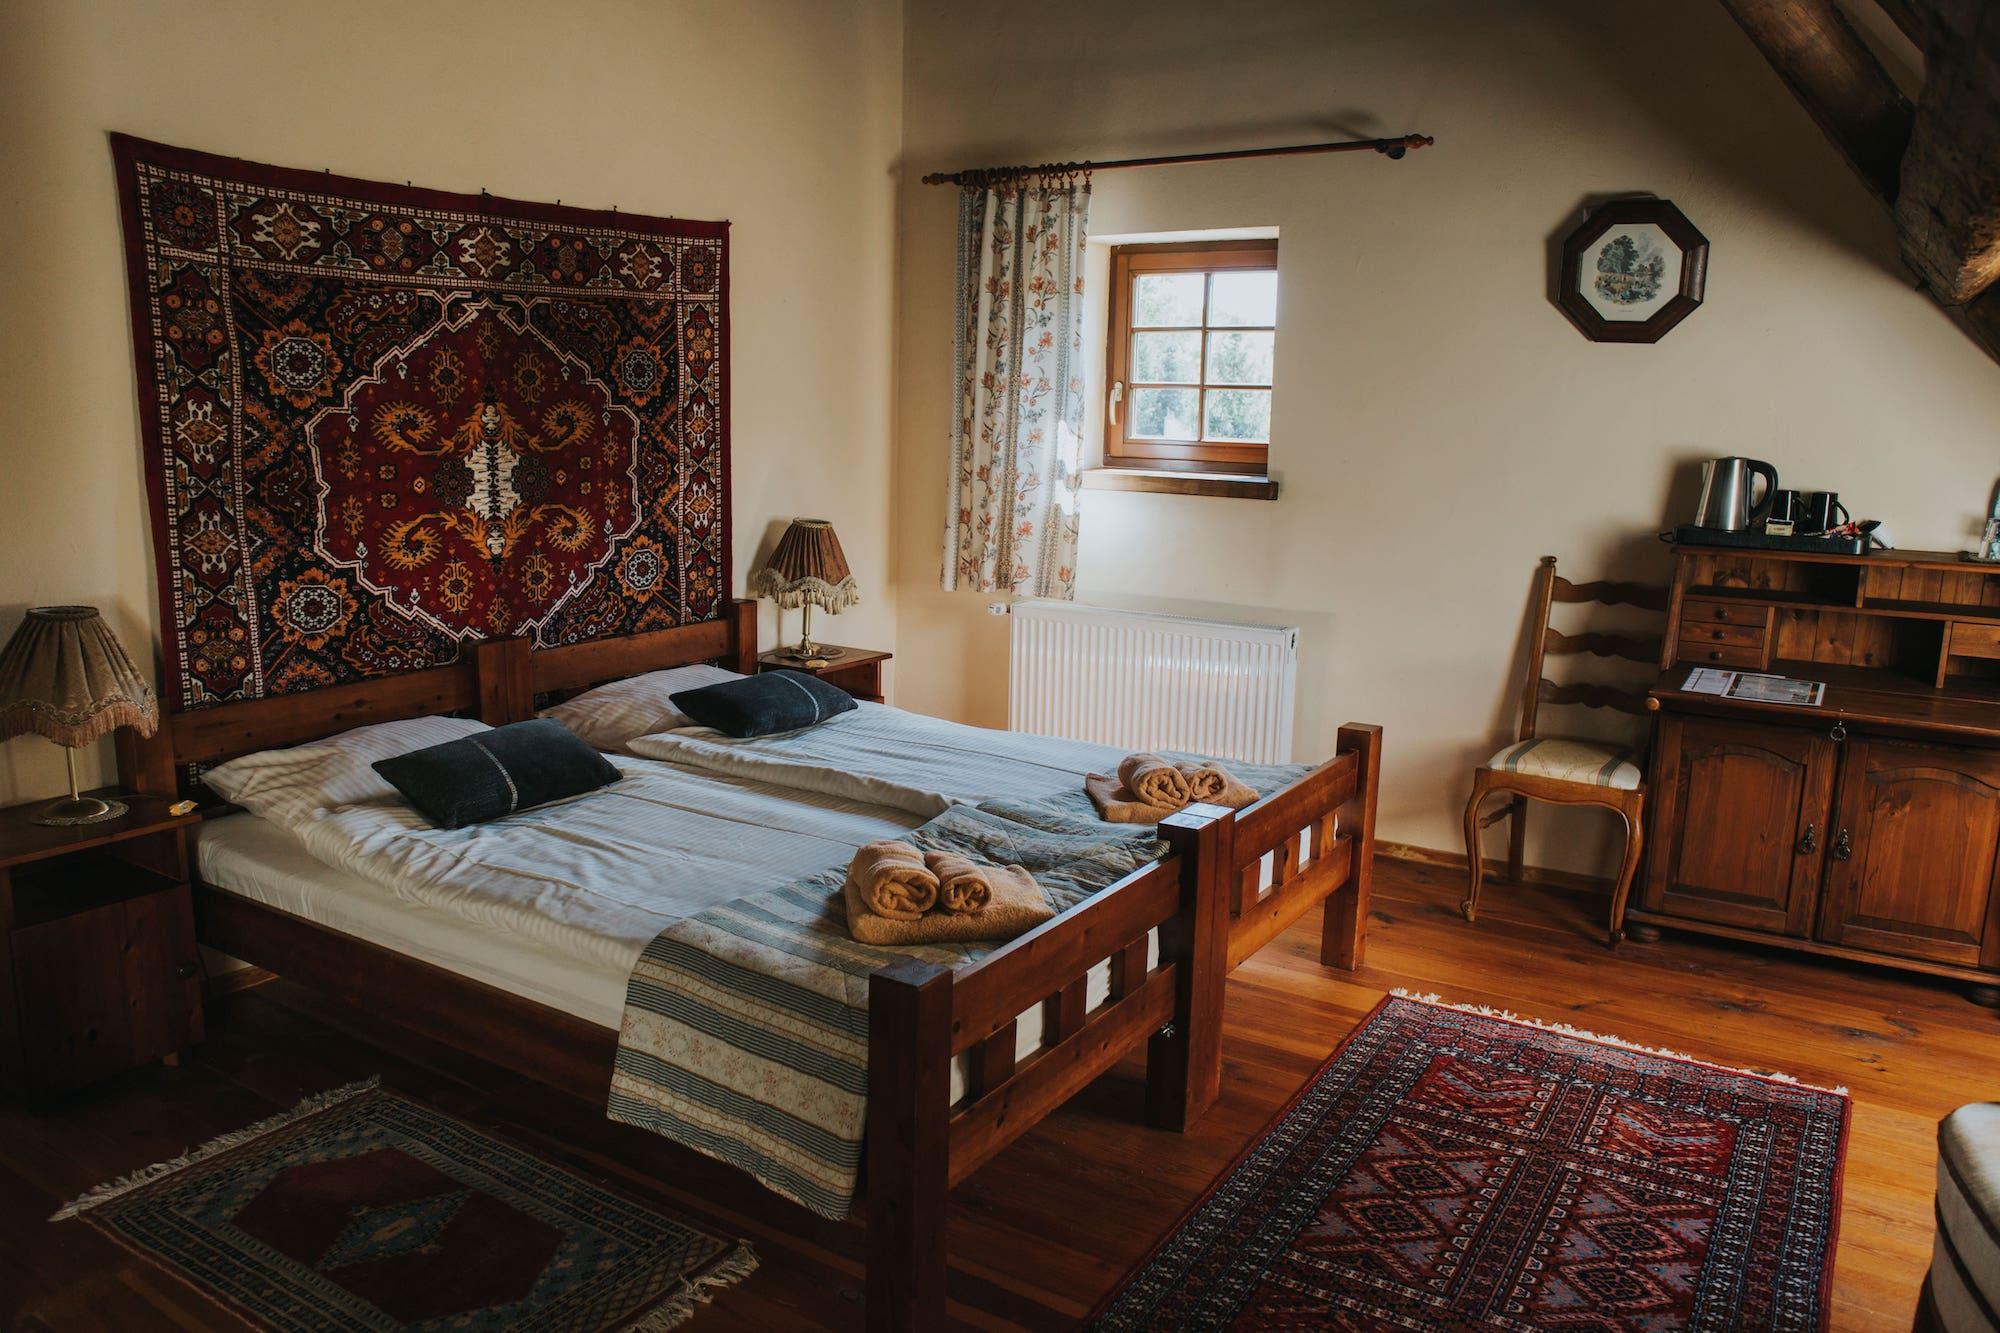 Gościniec Pod Zielonym Jajem - Where will I sleep?